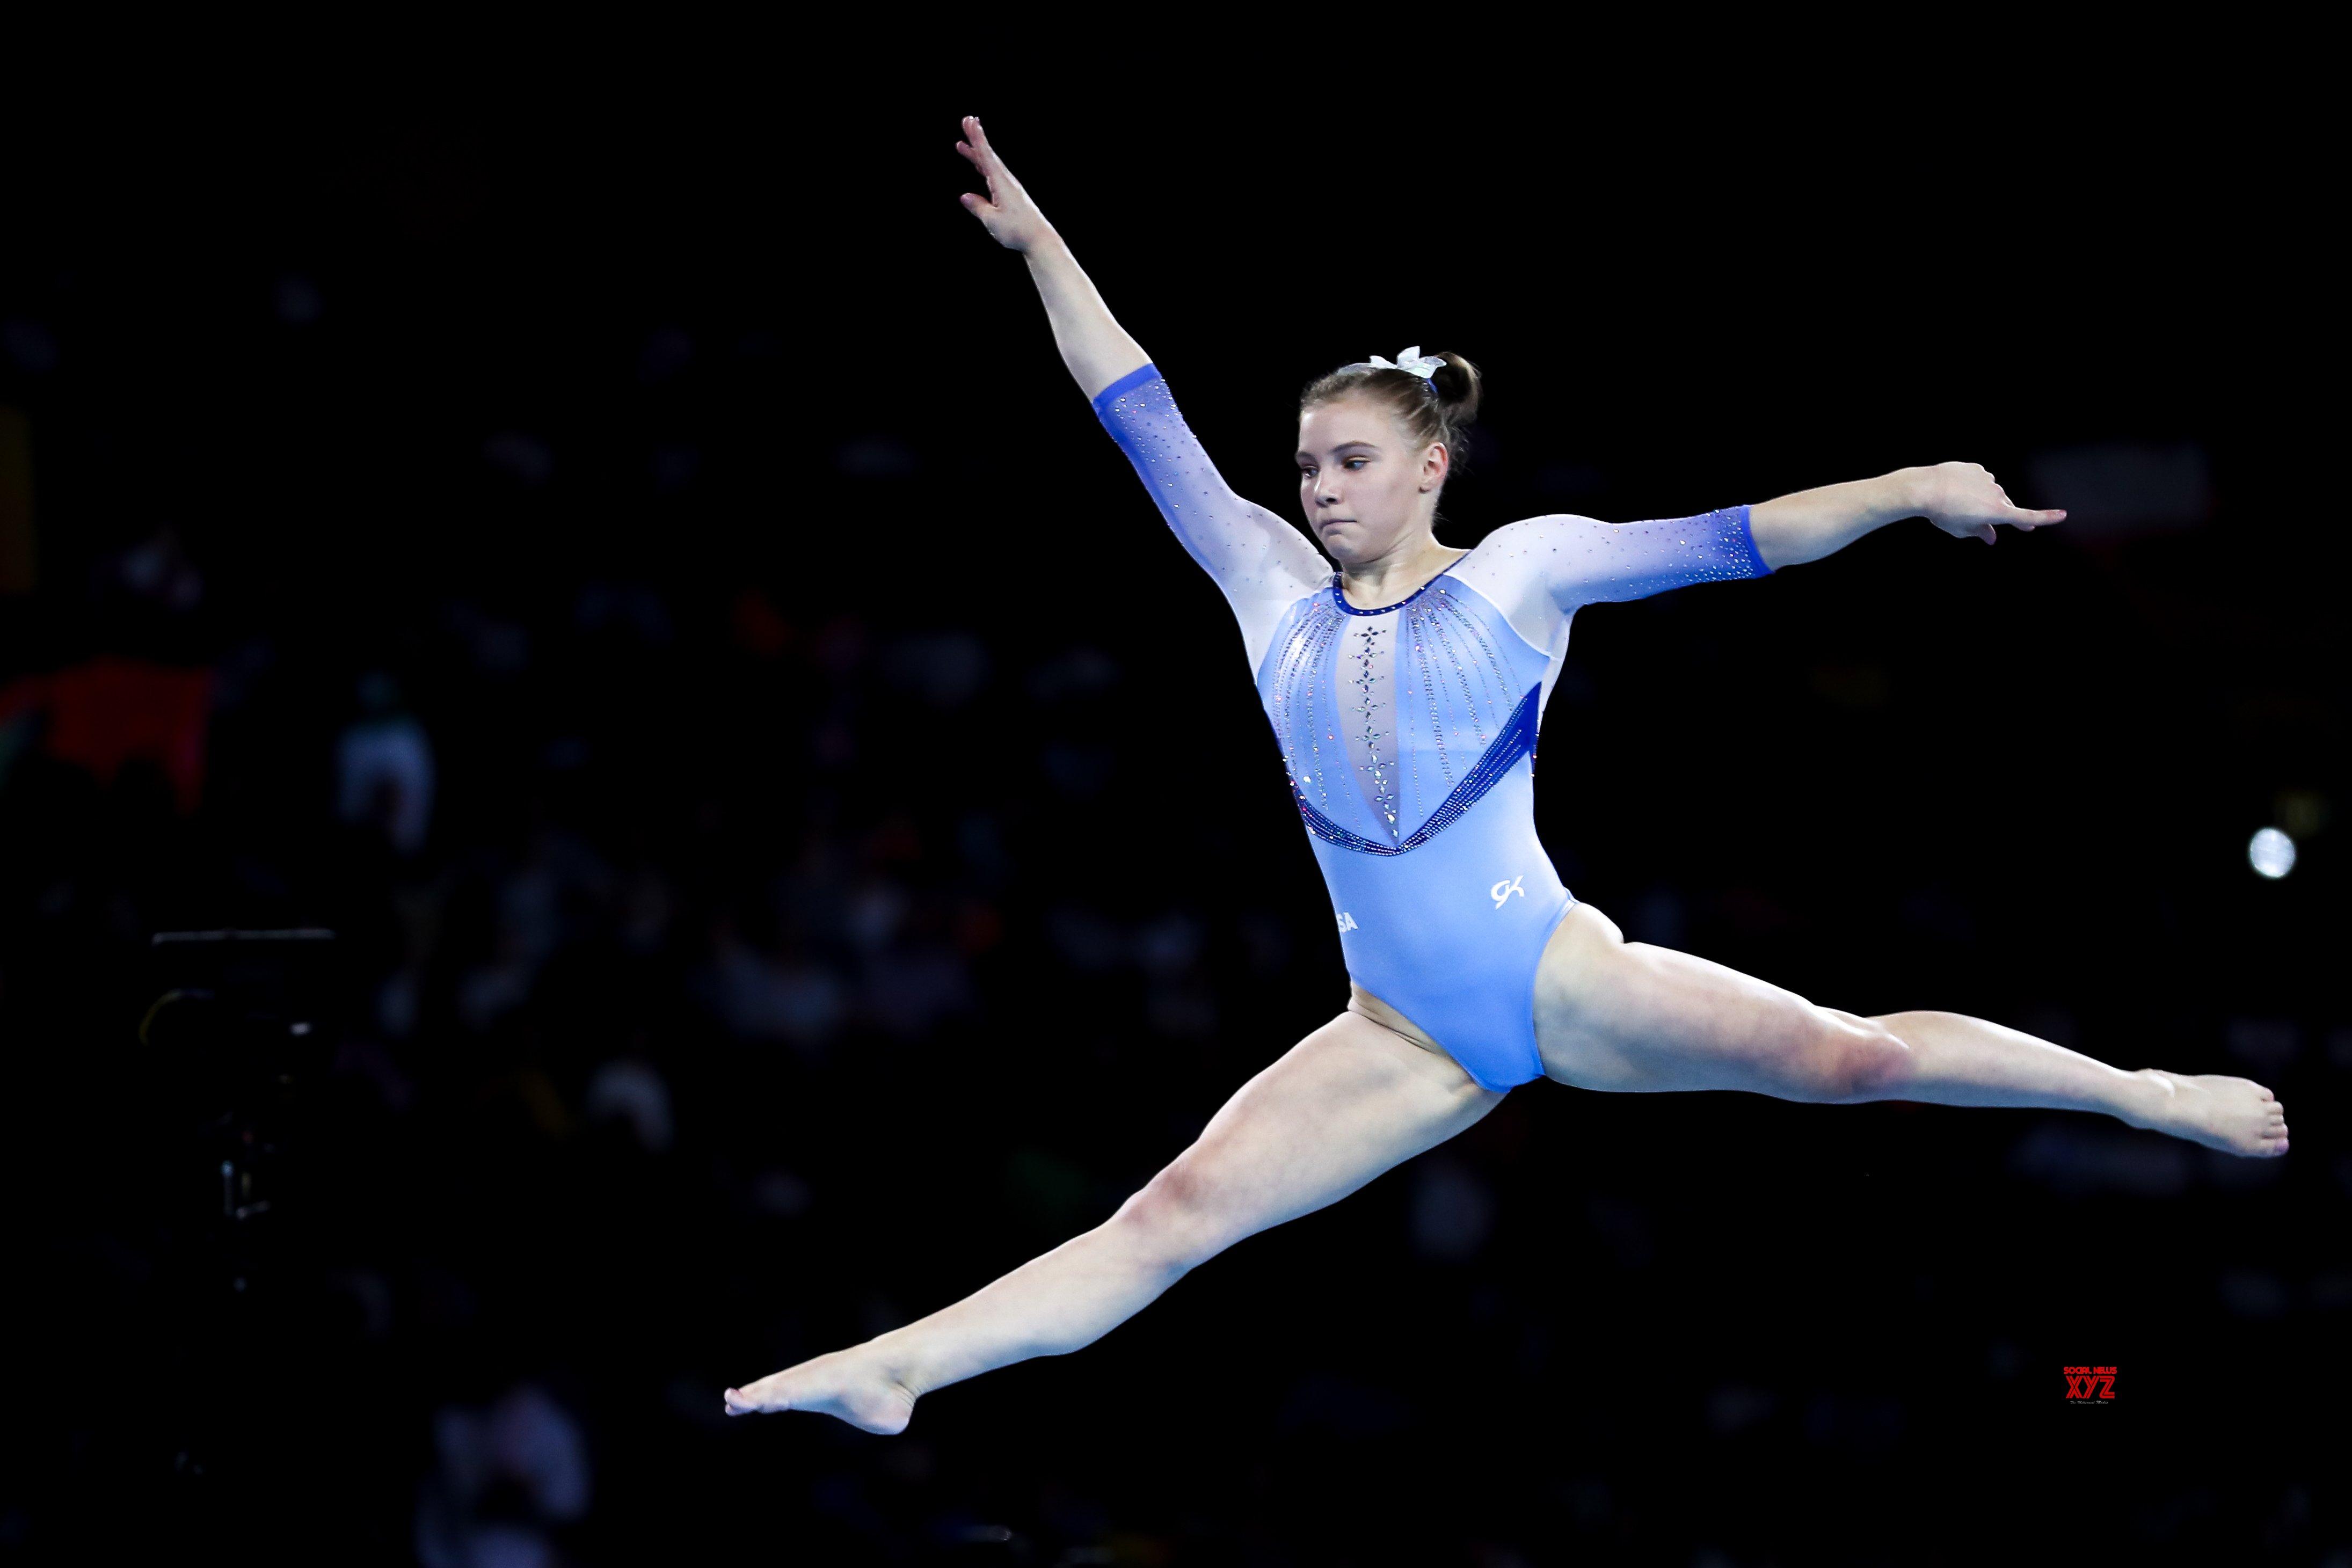 File:2019-06-28 1st FIG Artistic Gymnastics JWCH Womens